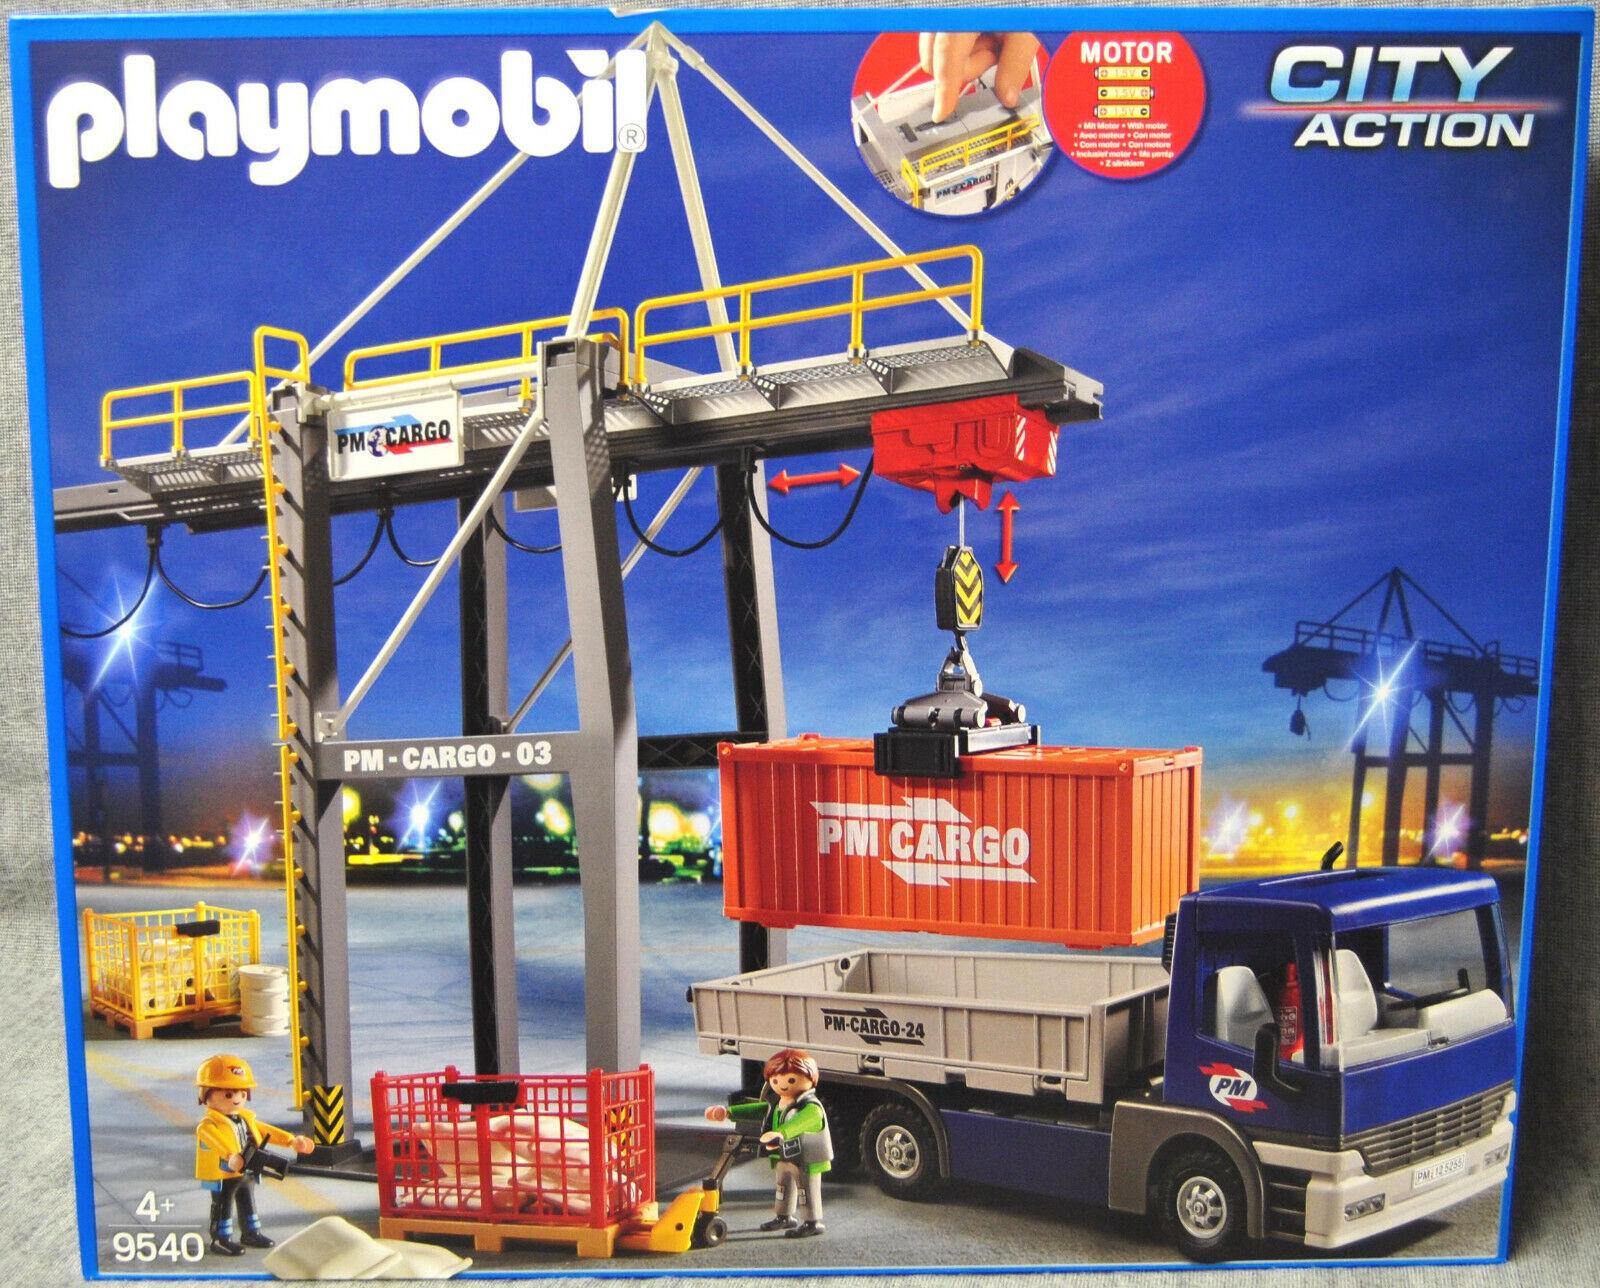 Playmobil 9540  électrique Verladekran Avec Camion-PM voitureGO-city action NEUF  nouveau style